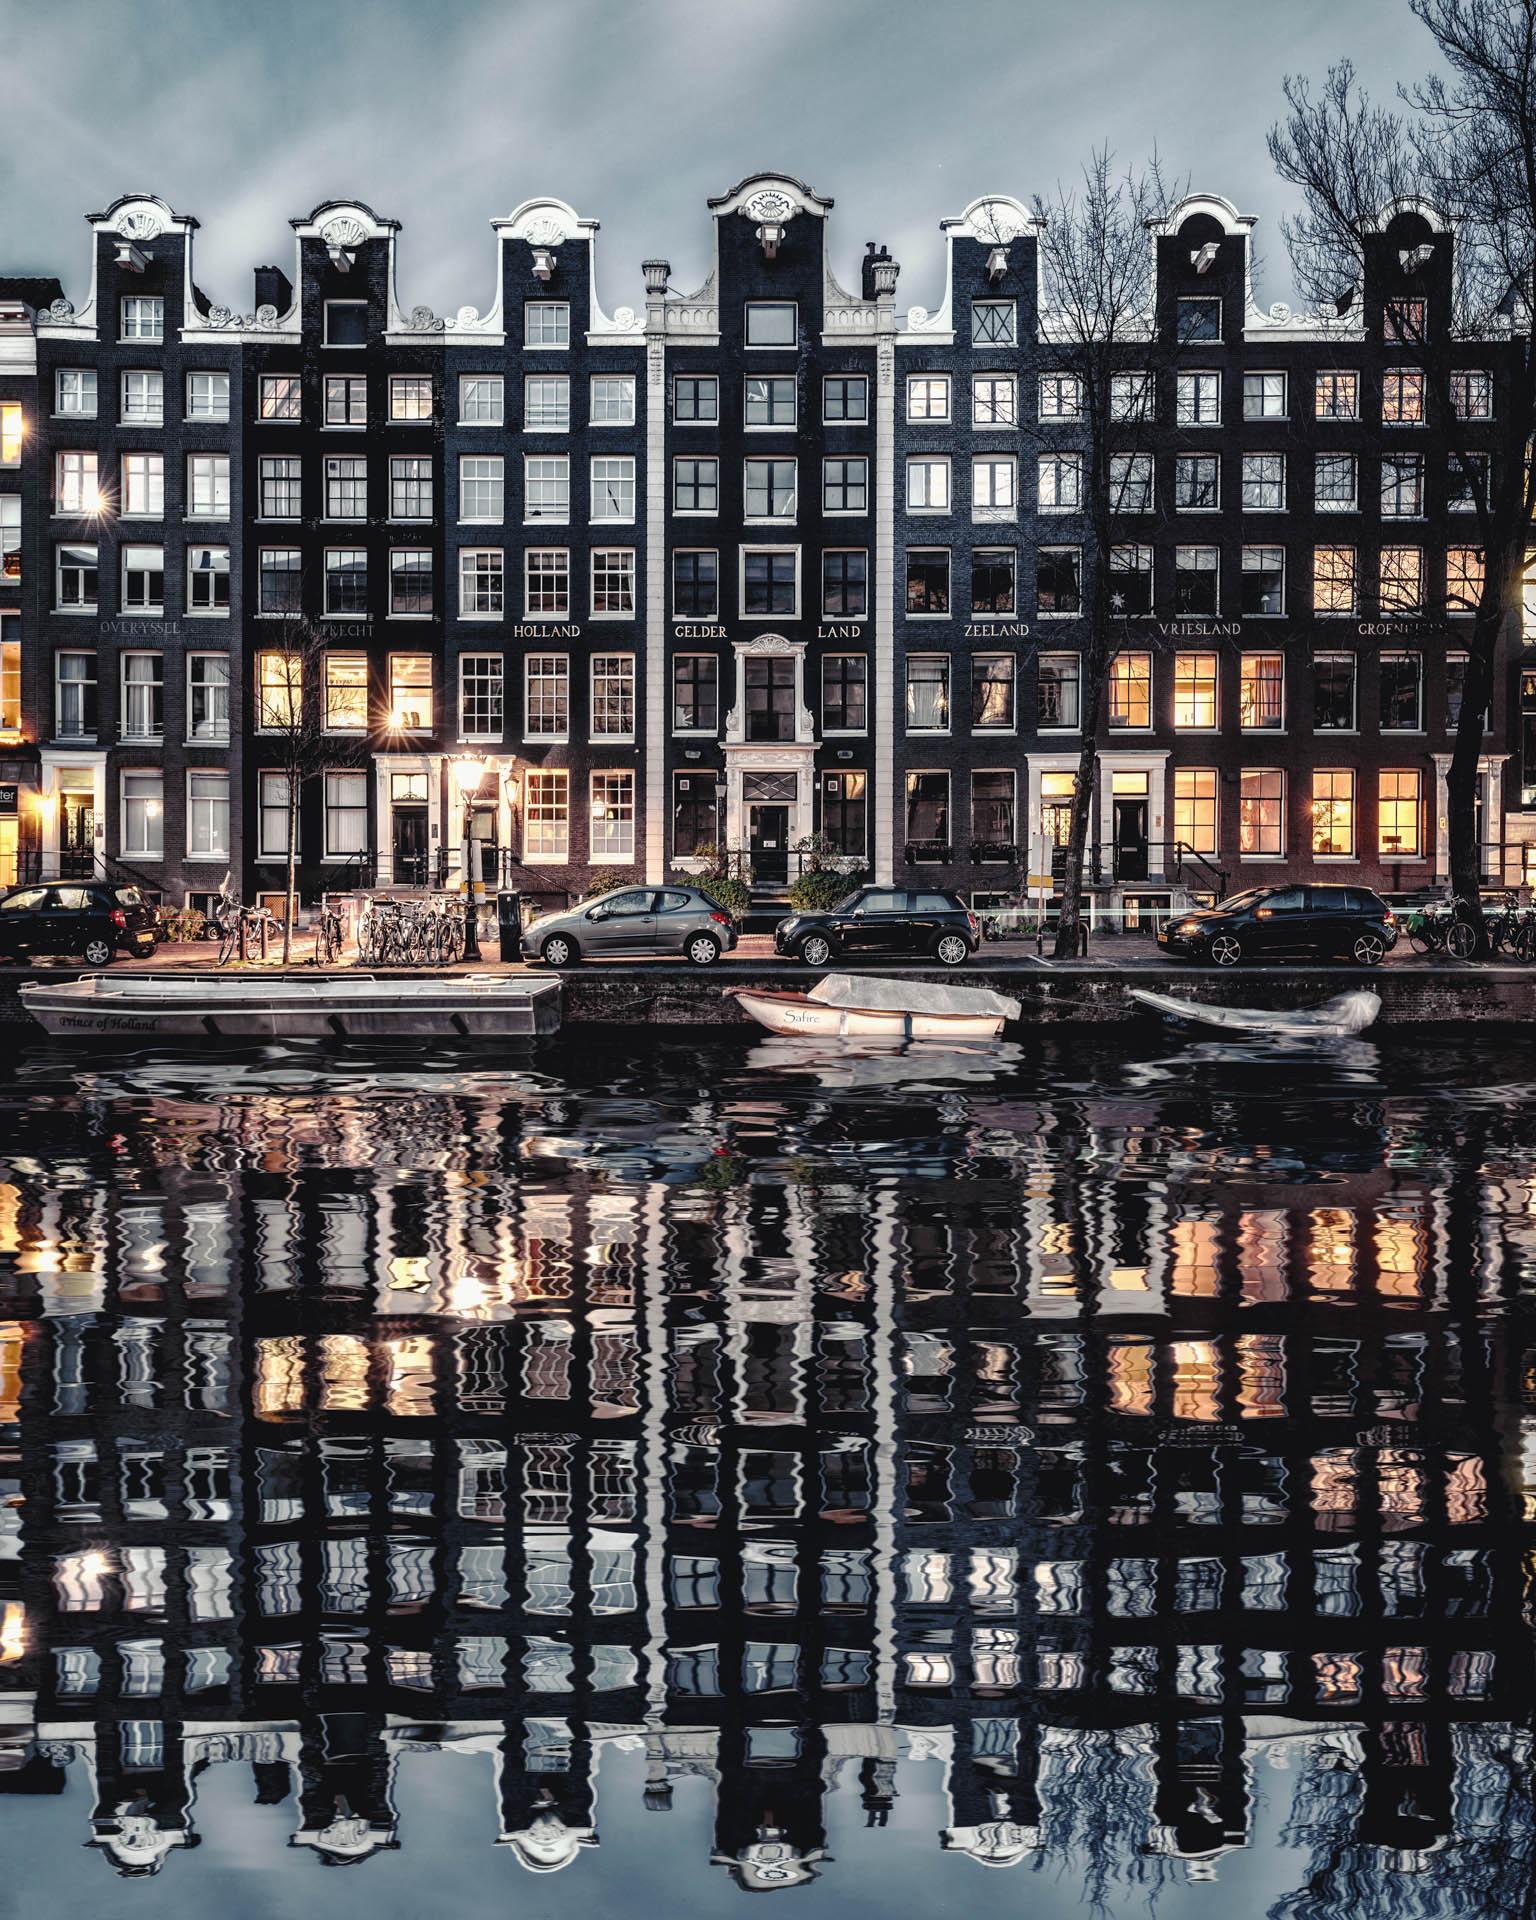 AMSTERDAM2019-STILL02-3.jpg